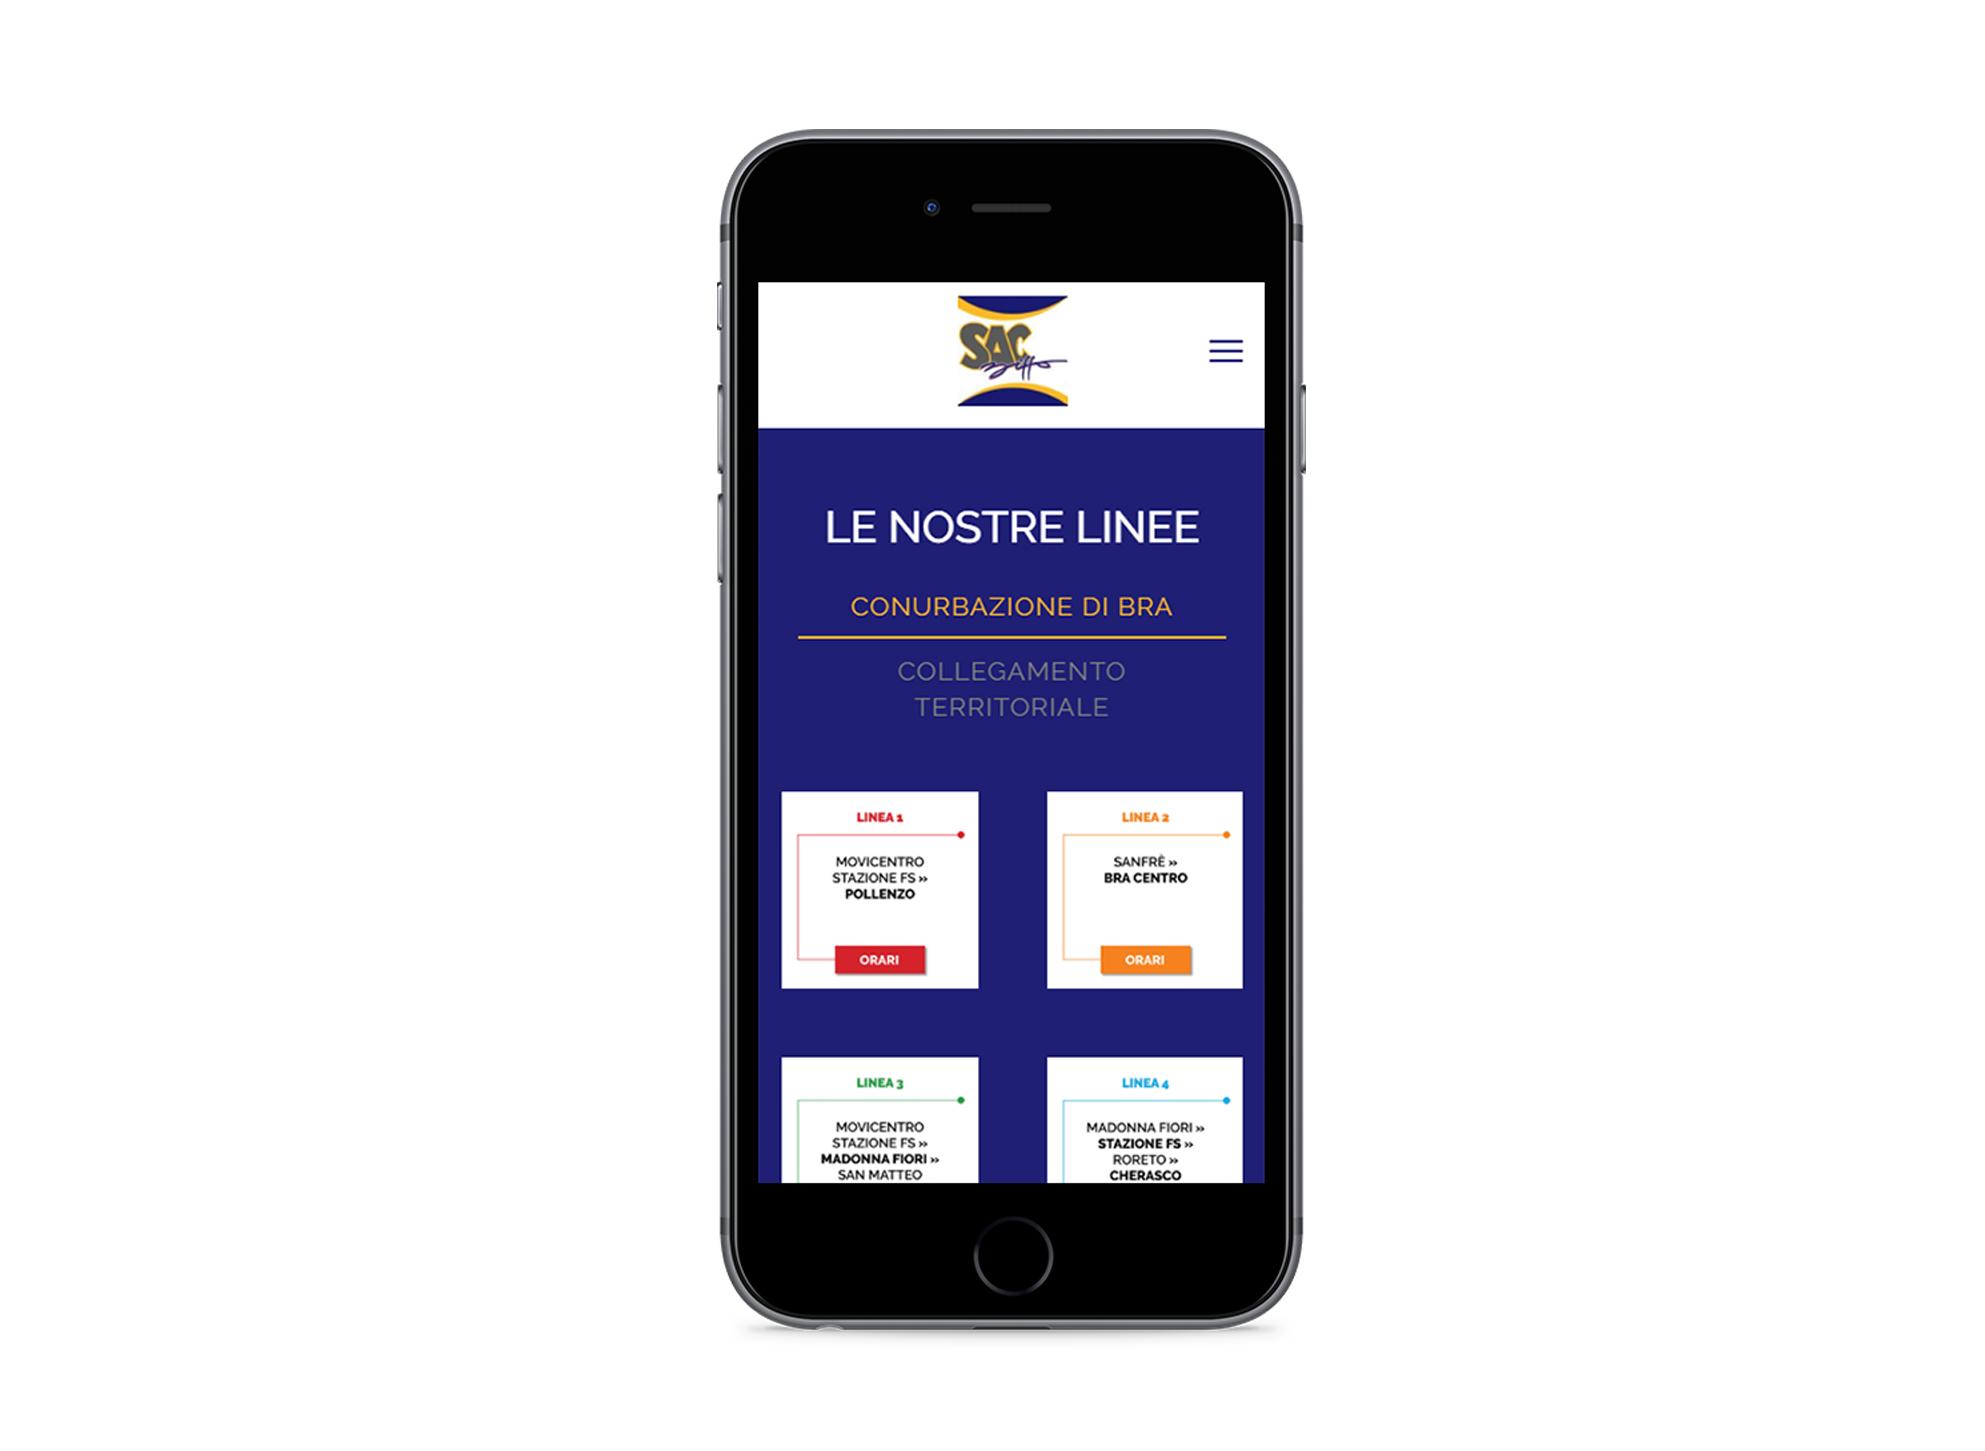 Il mio sito è mobile friendly? -